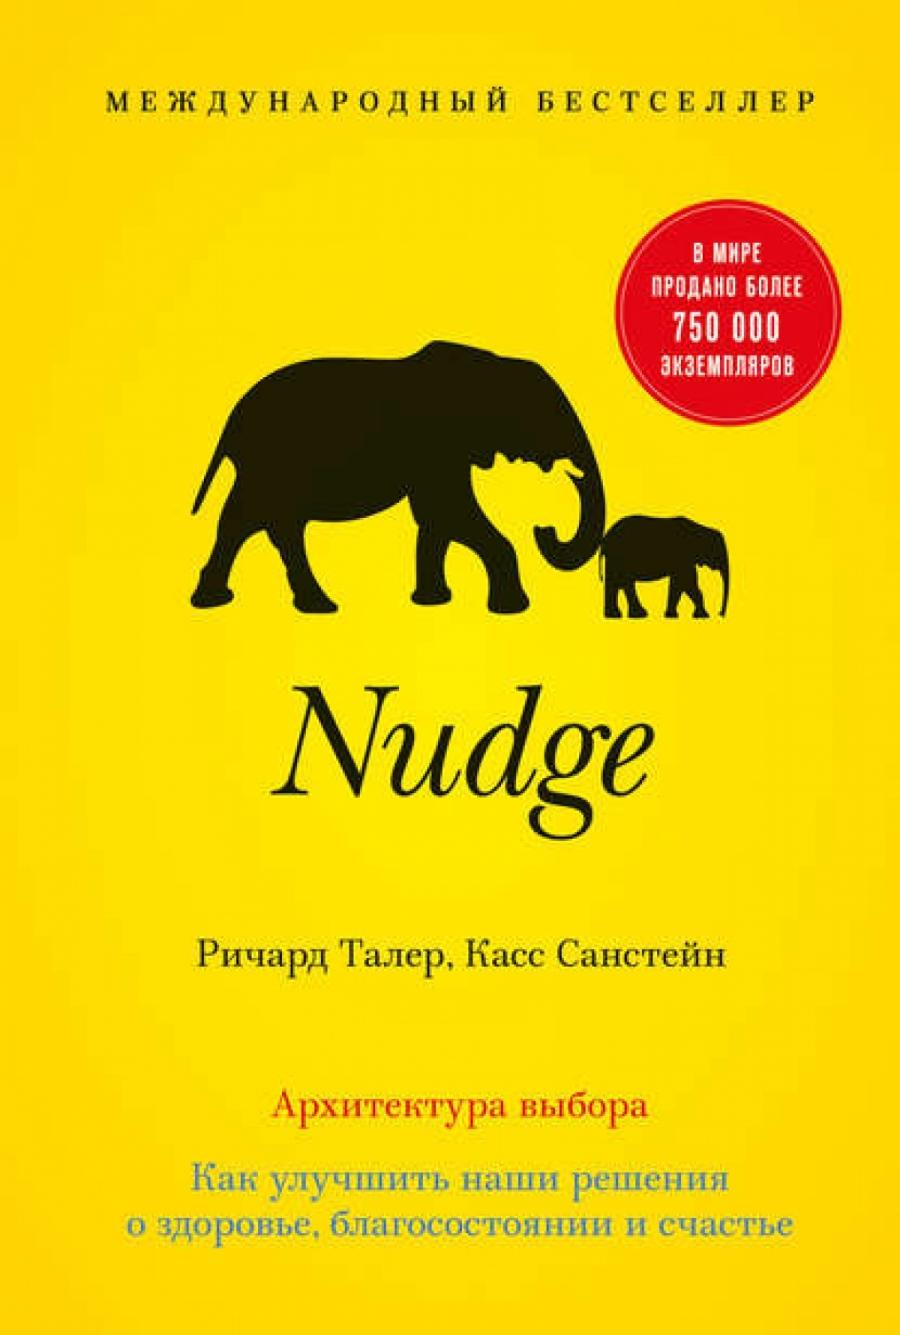 Касс Санстейн, Ричард Талер - Nudge. Архитектура выбора. Как улучшить наши решения о здоровье, благосостоянии и счастье